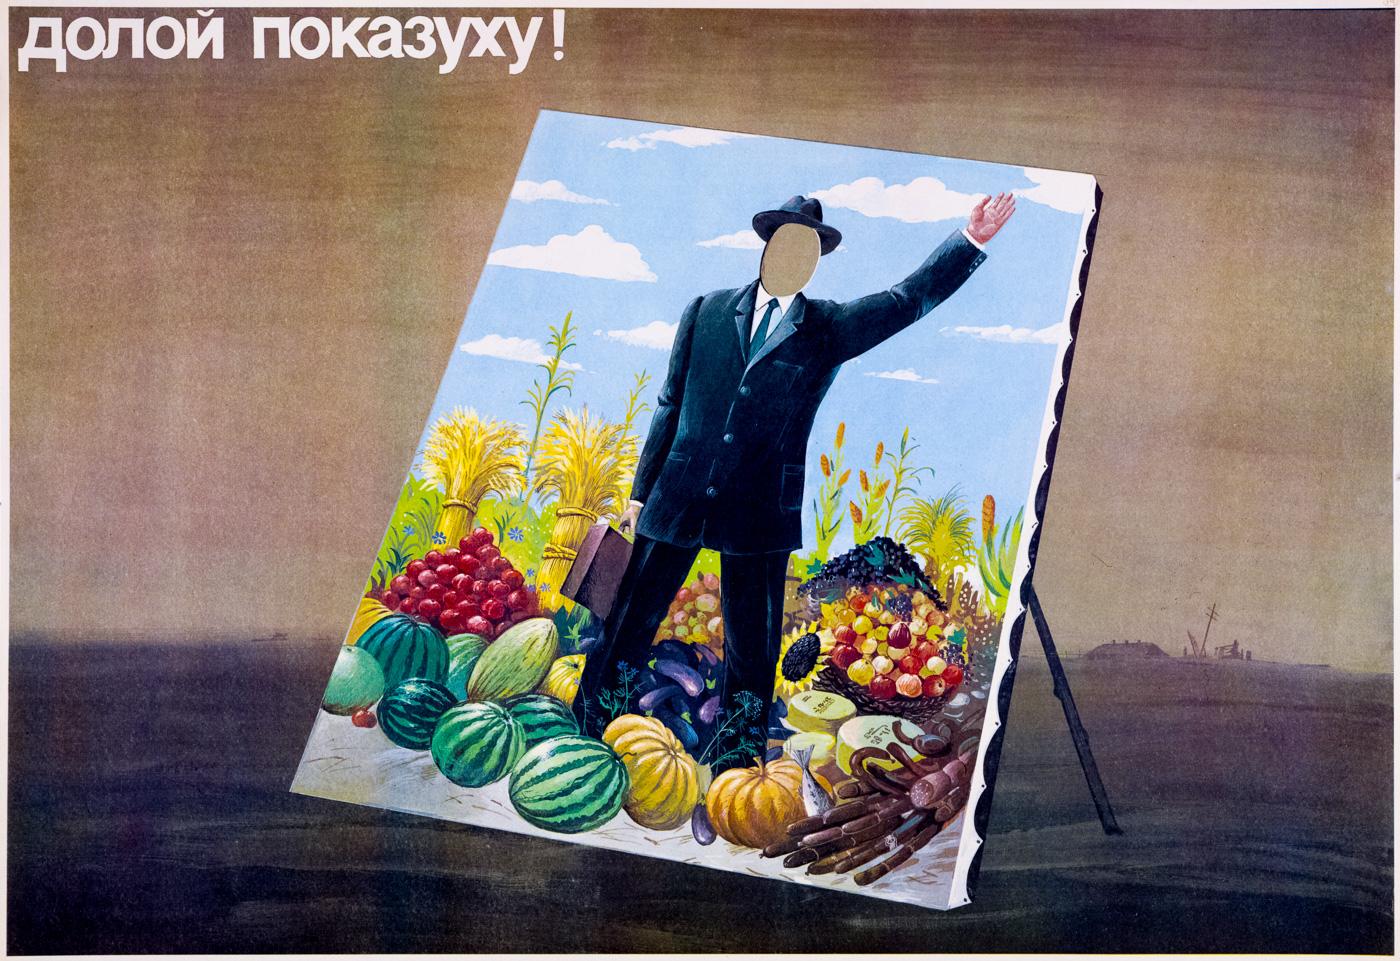 """""""Долой показуху"""", СССР, 1988 год"""